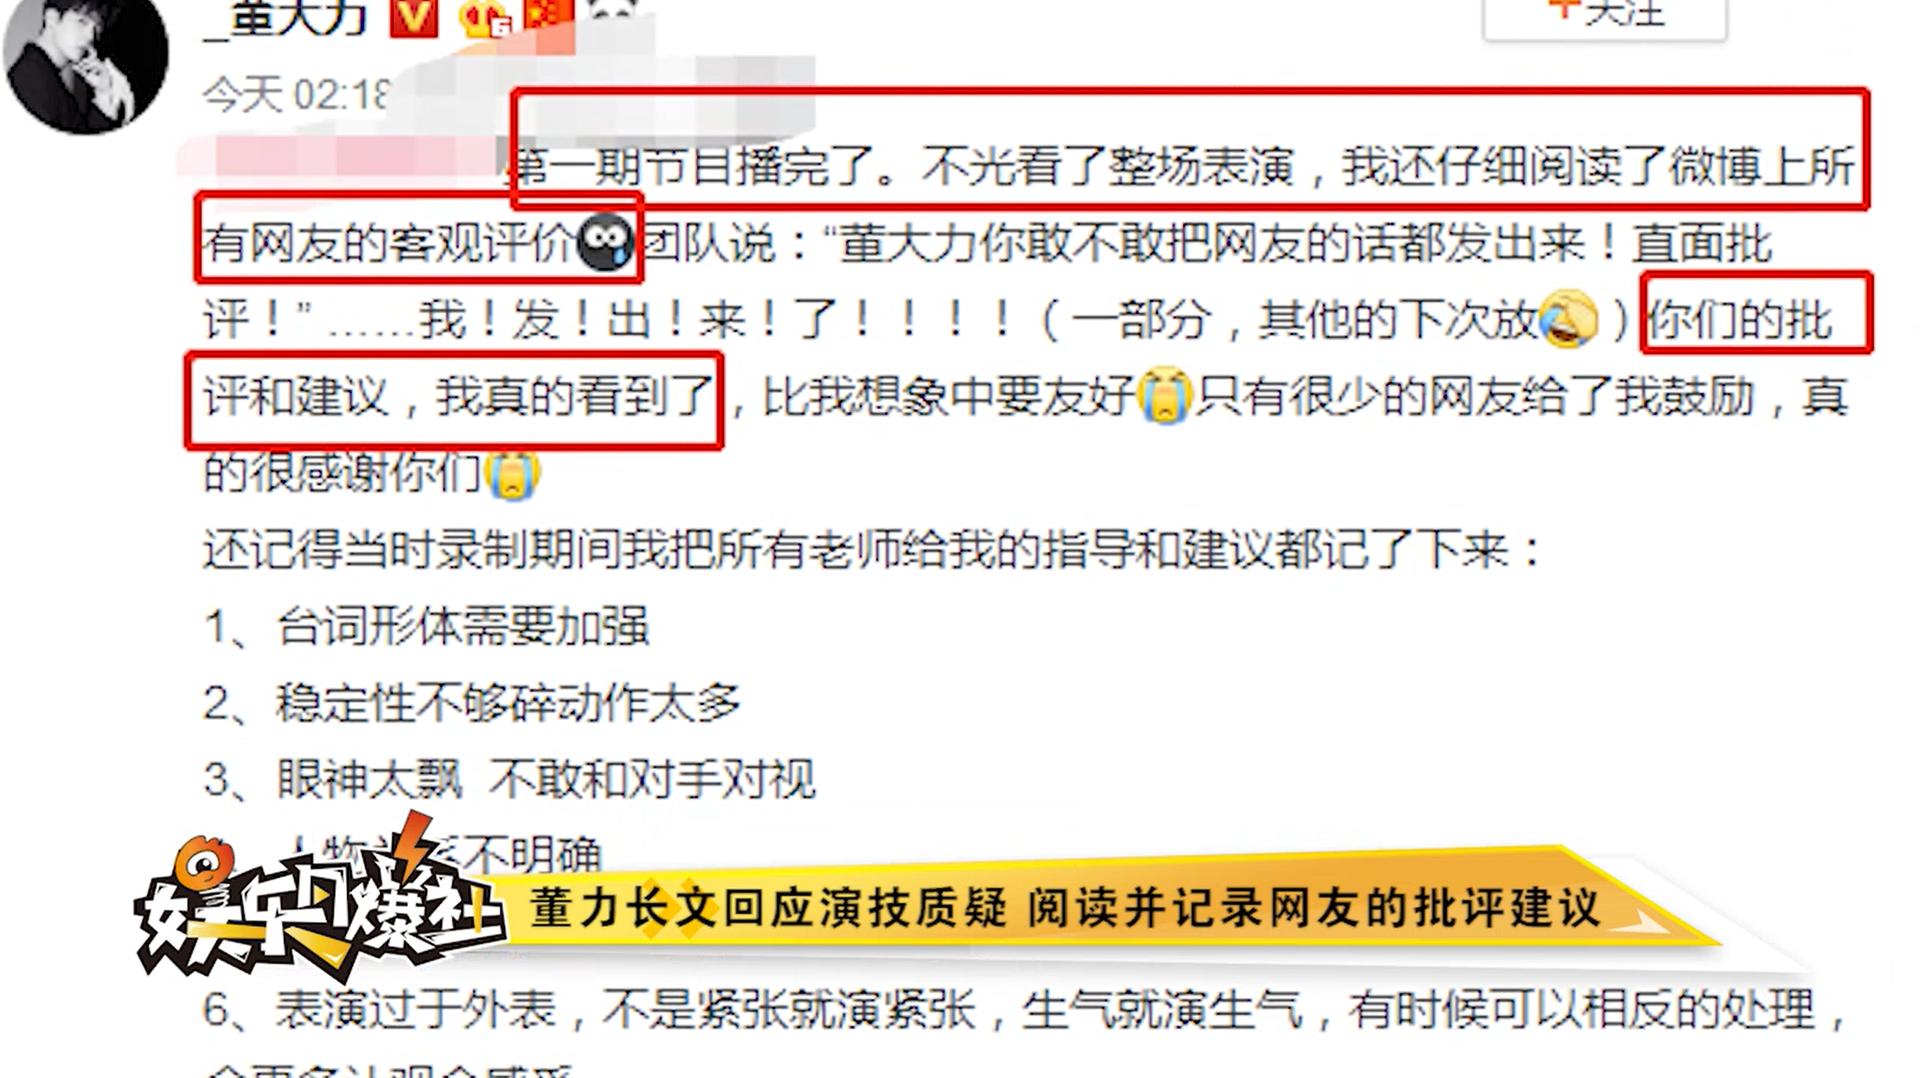 董力長文回應演技質疑 閱讀并記錄網友的批評建議